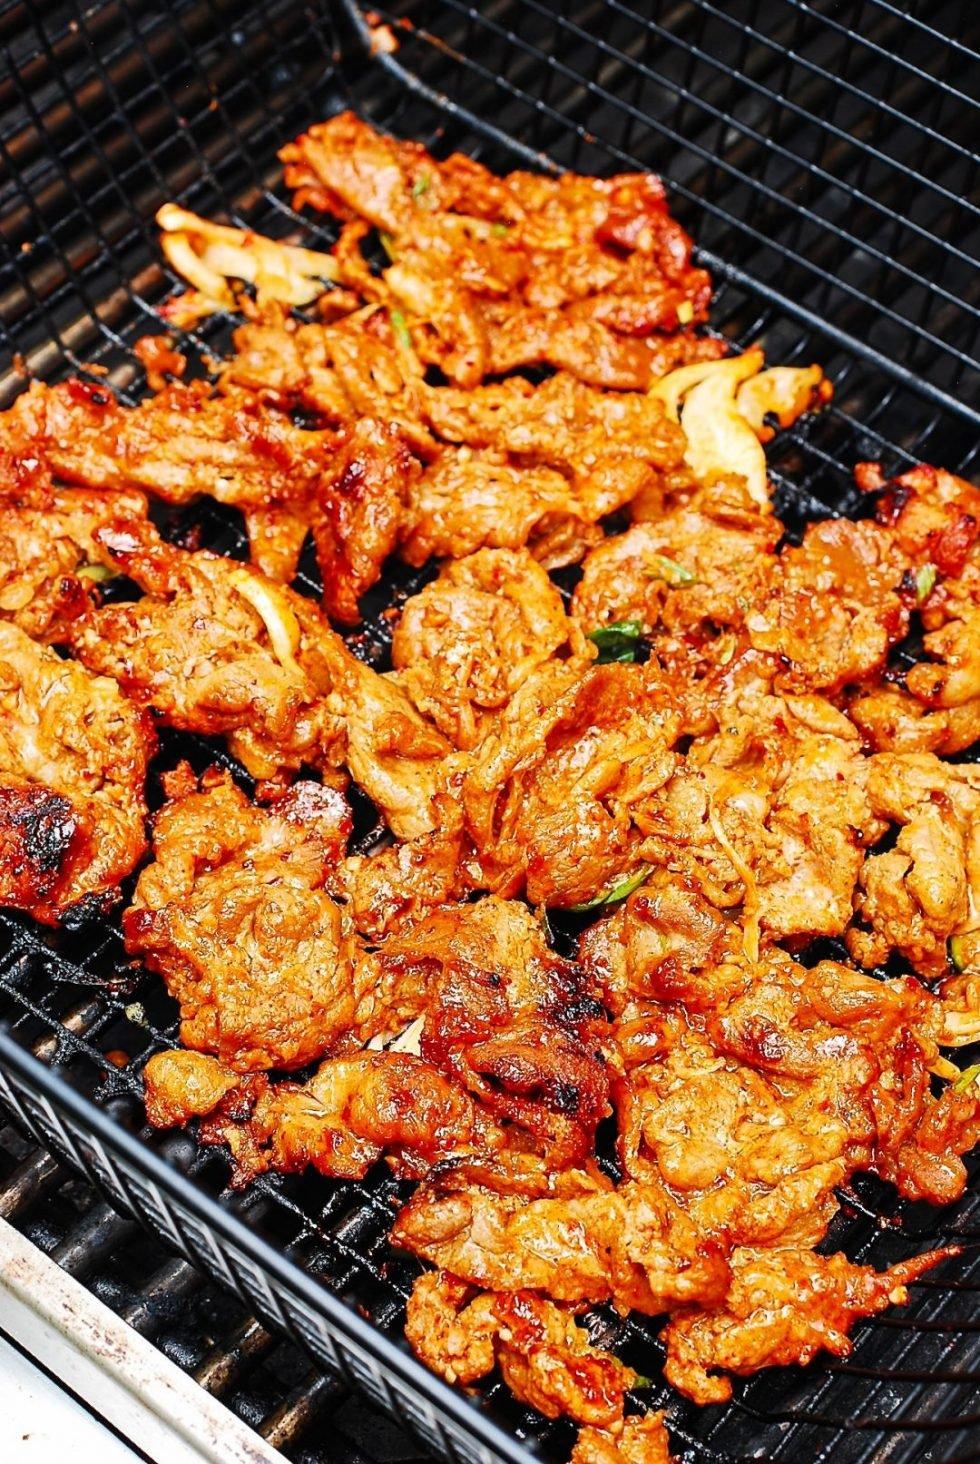 DSC 1855 2 1 e1621051298569 - Jeyuk Bokkeum (Spicy Pork BBQ)